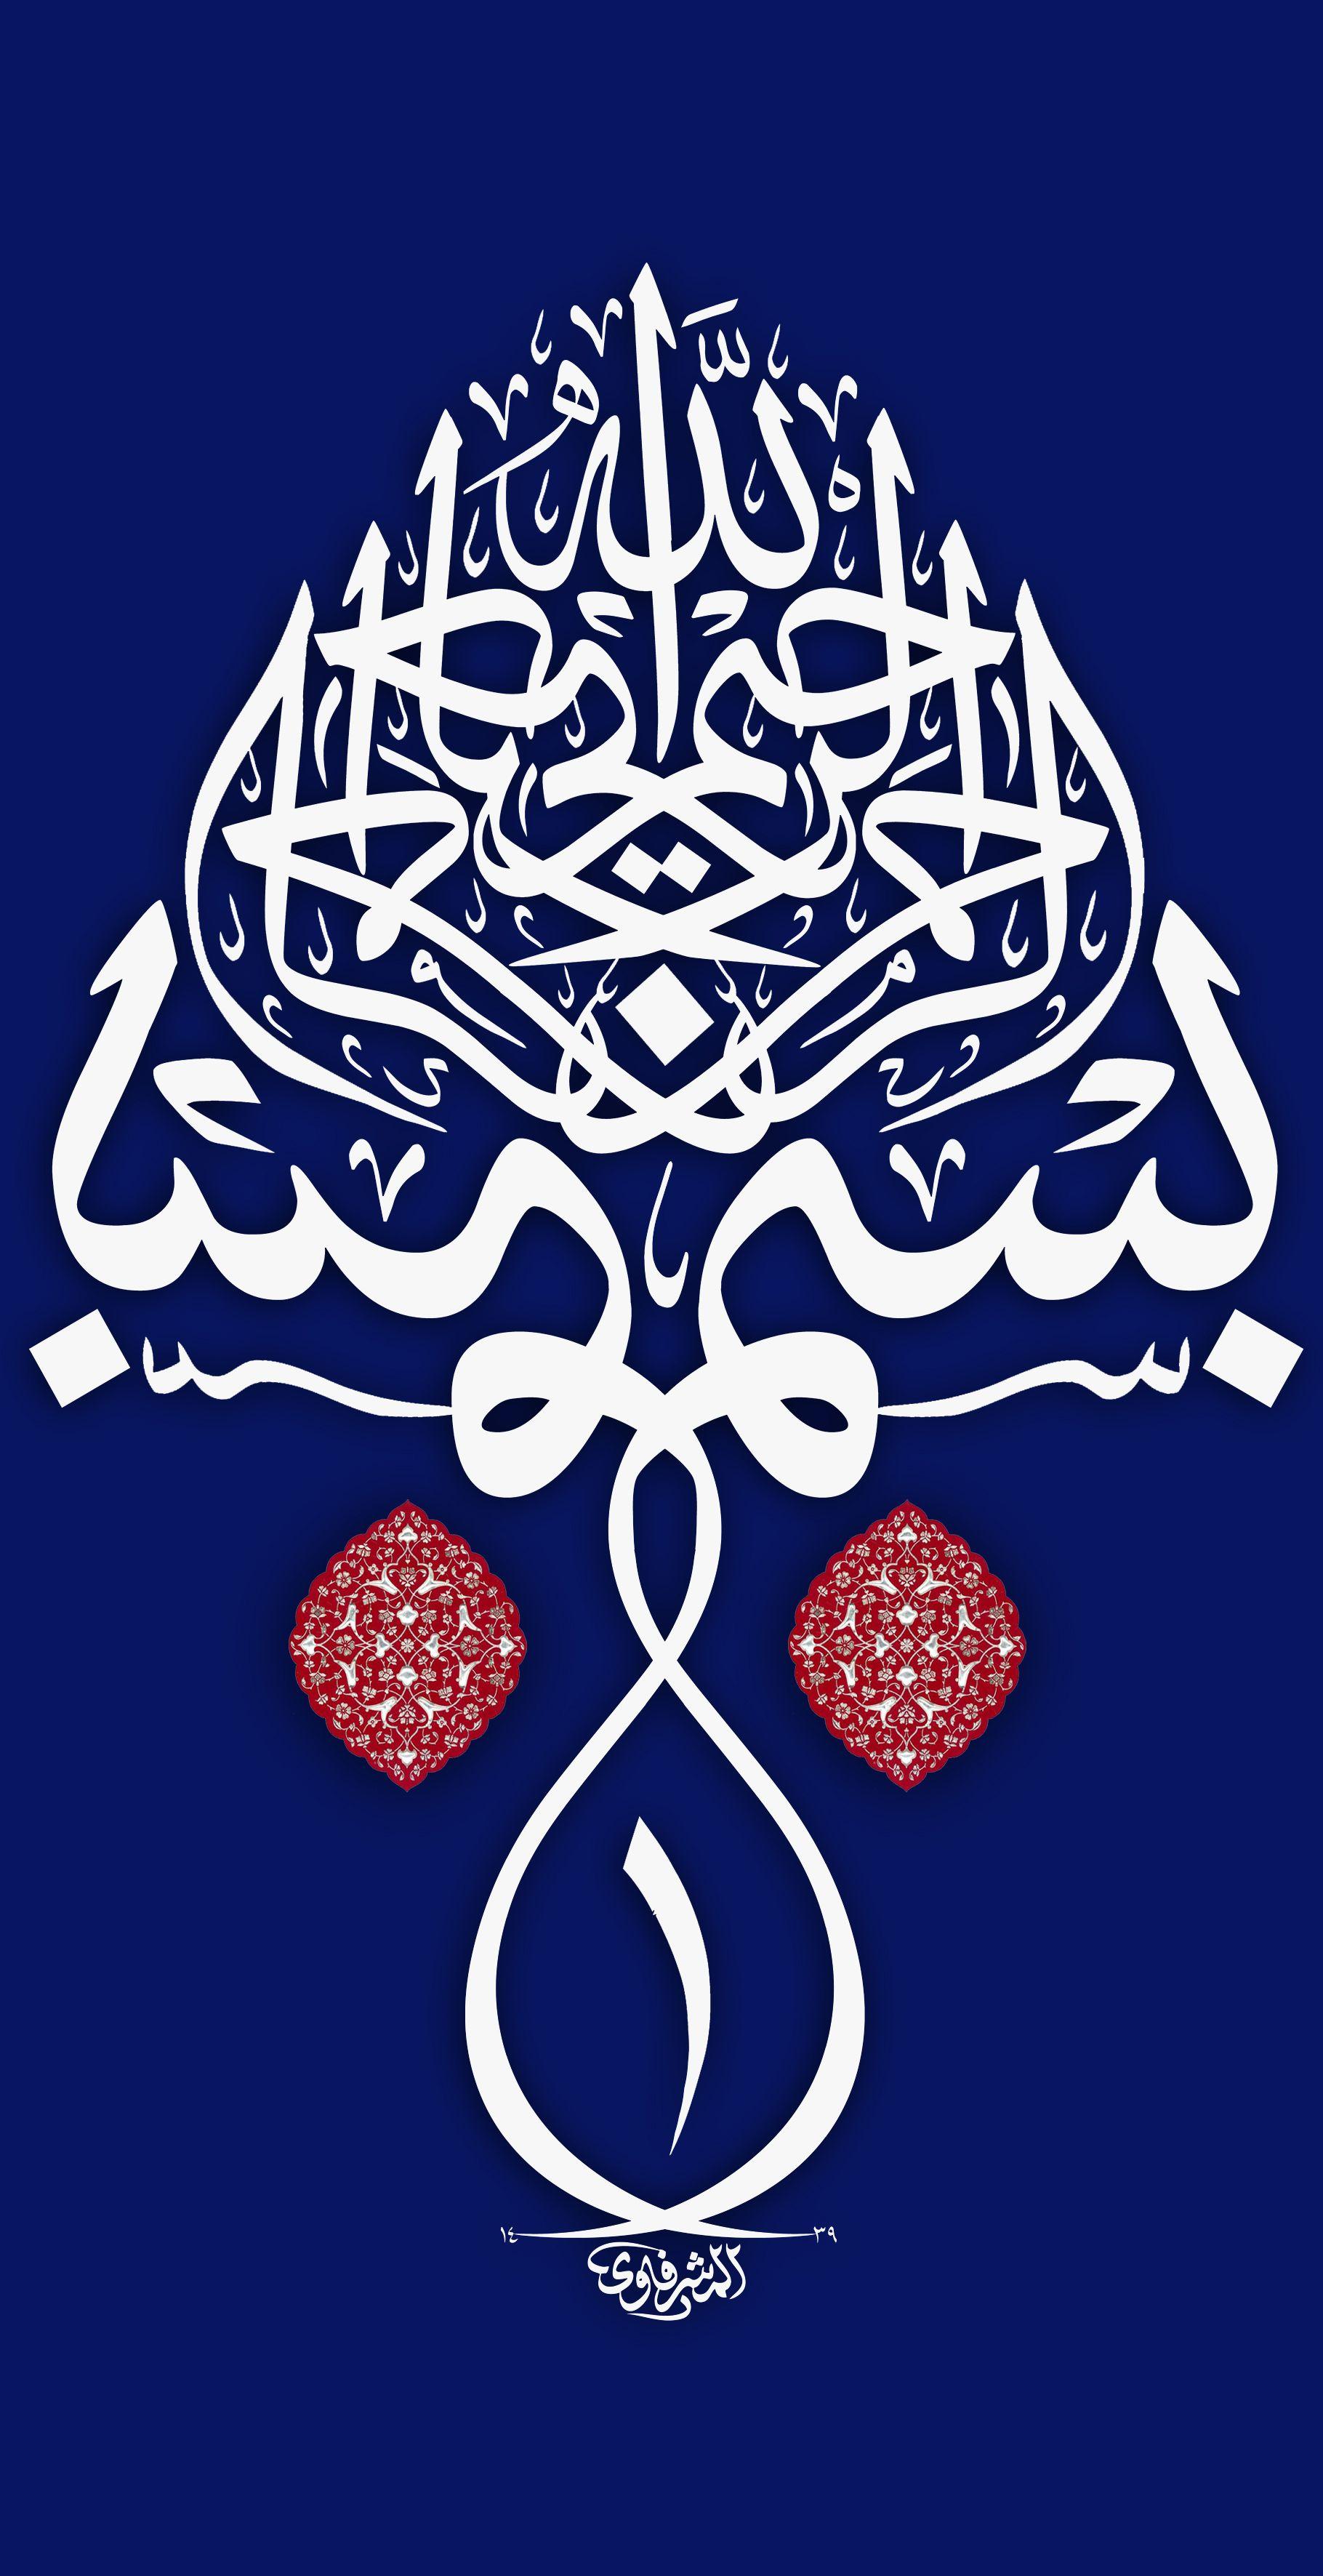 البسملة بسم الله الرحمن الرحيم الخطاط محمد الحسني المشرفاوي 1439 Islamic Patterns Islamic Art Cellphone Wallpaper